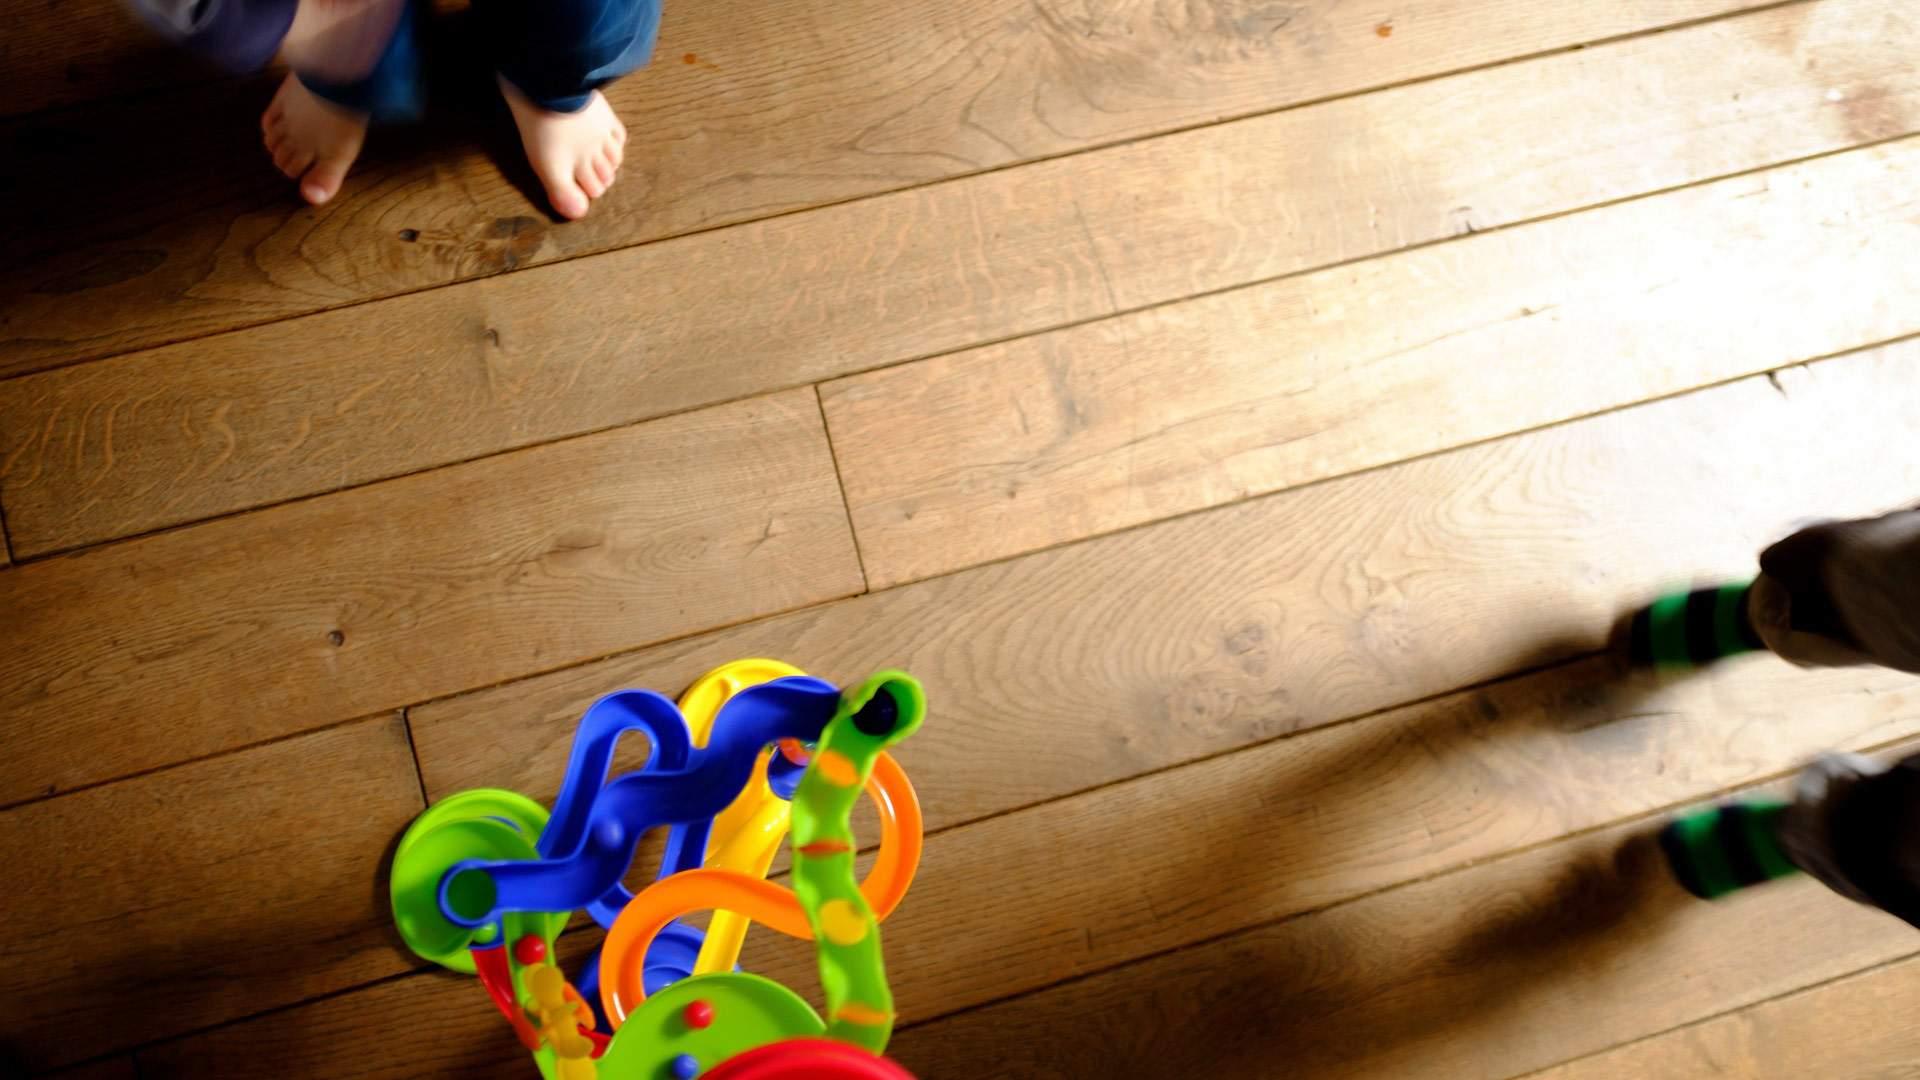 Kinder spielen auf Holzboden